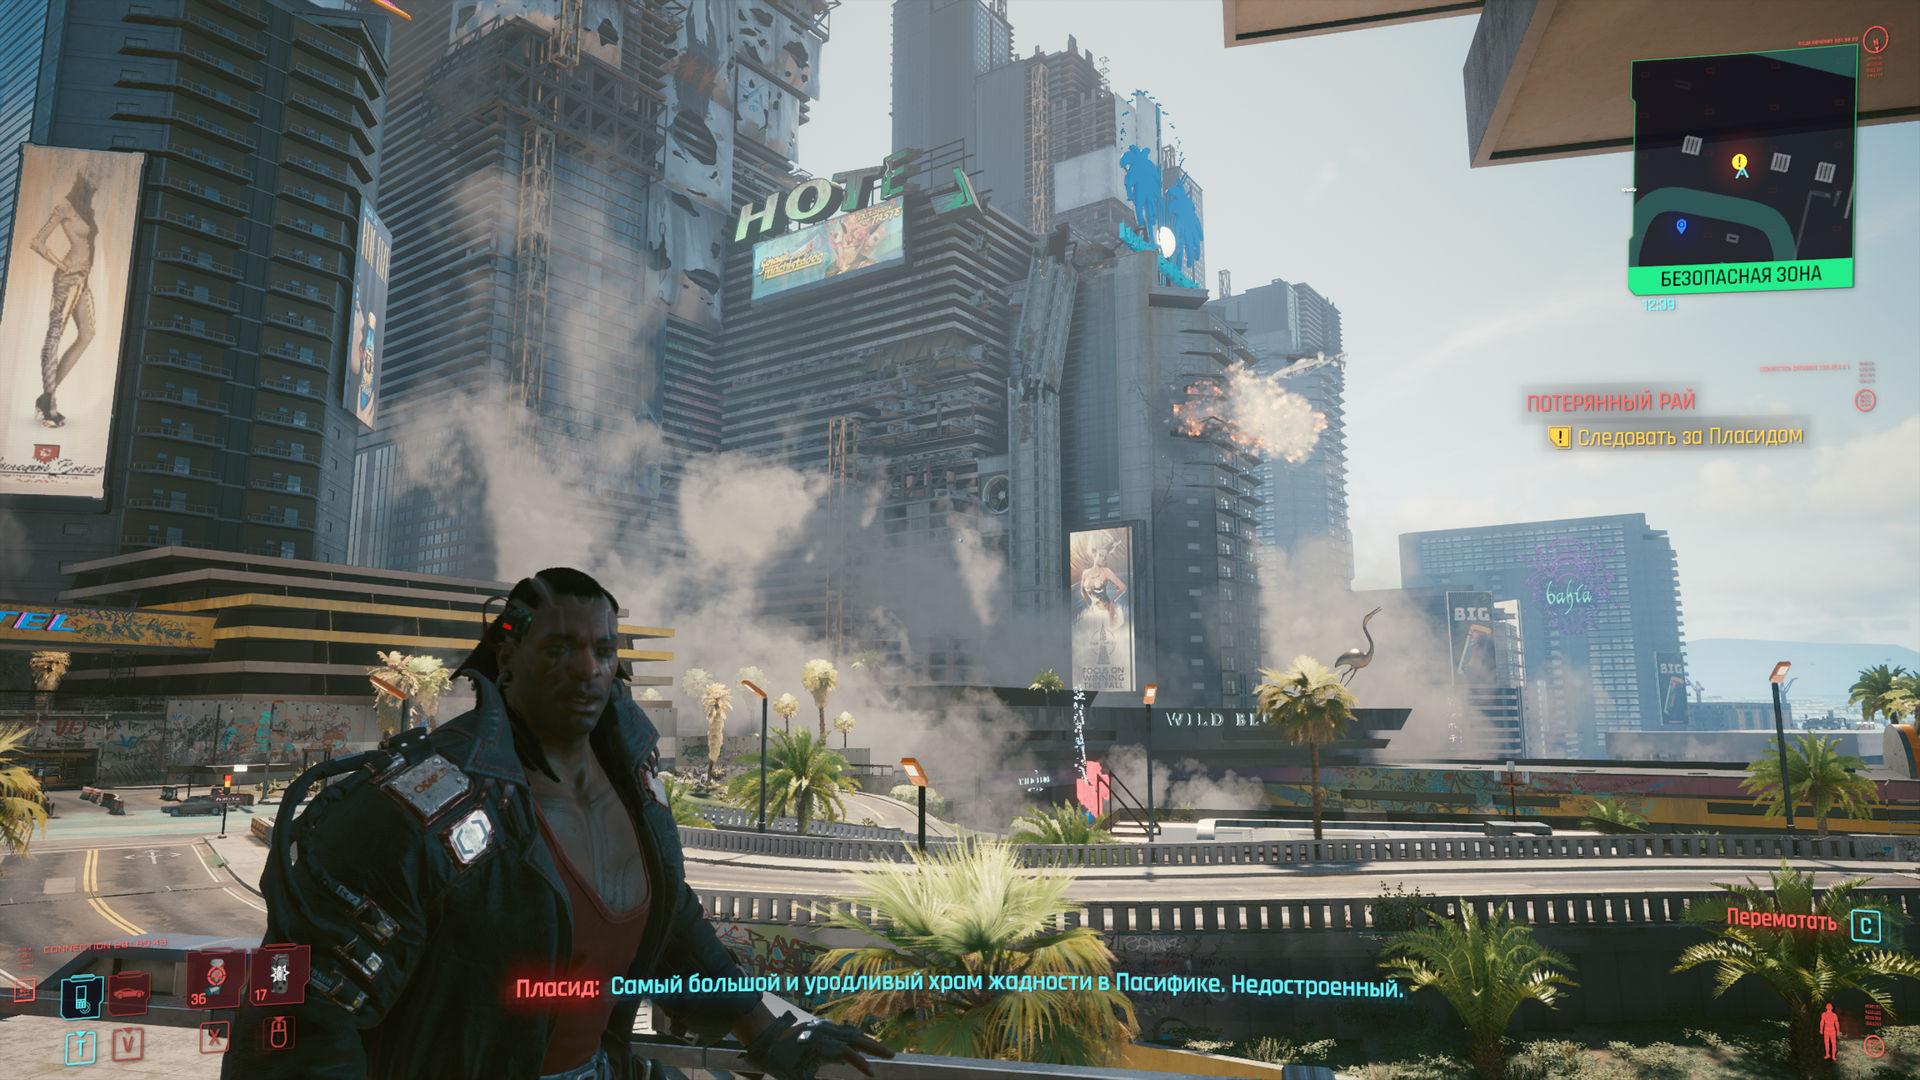 Cyberpunk 2077 — город больших надежд. Первые впечатления